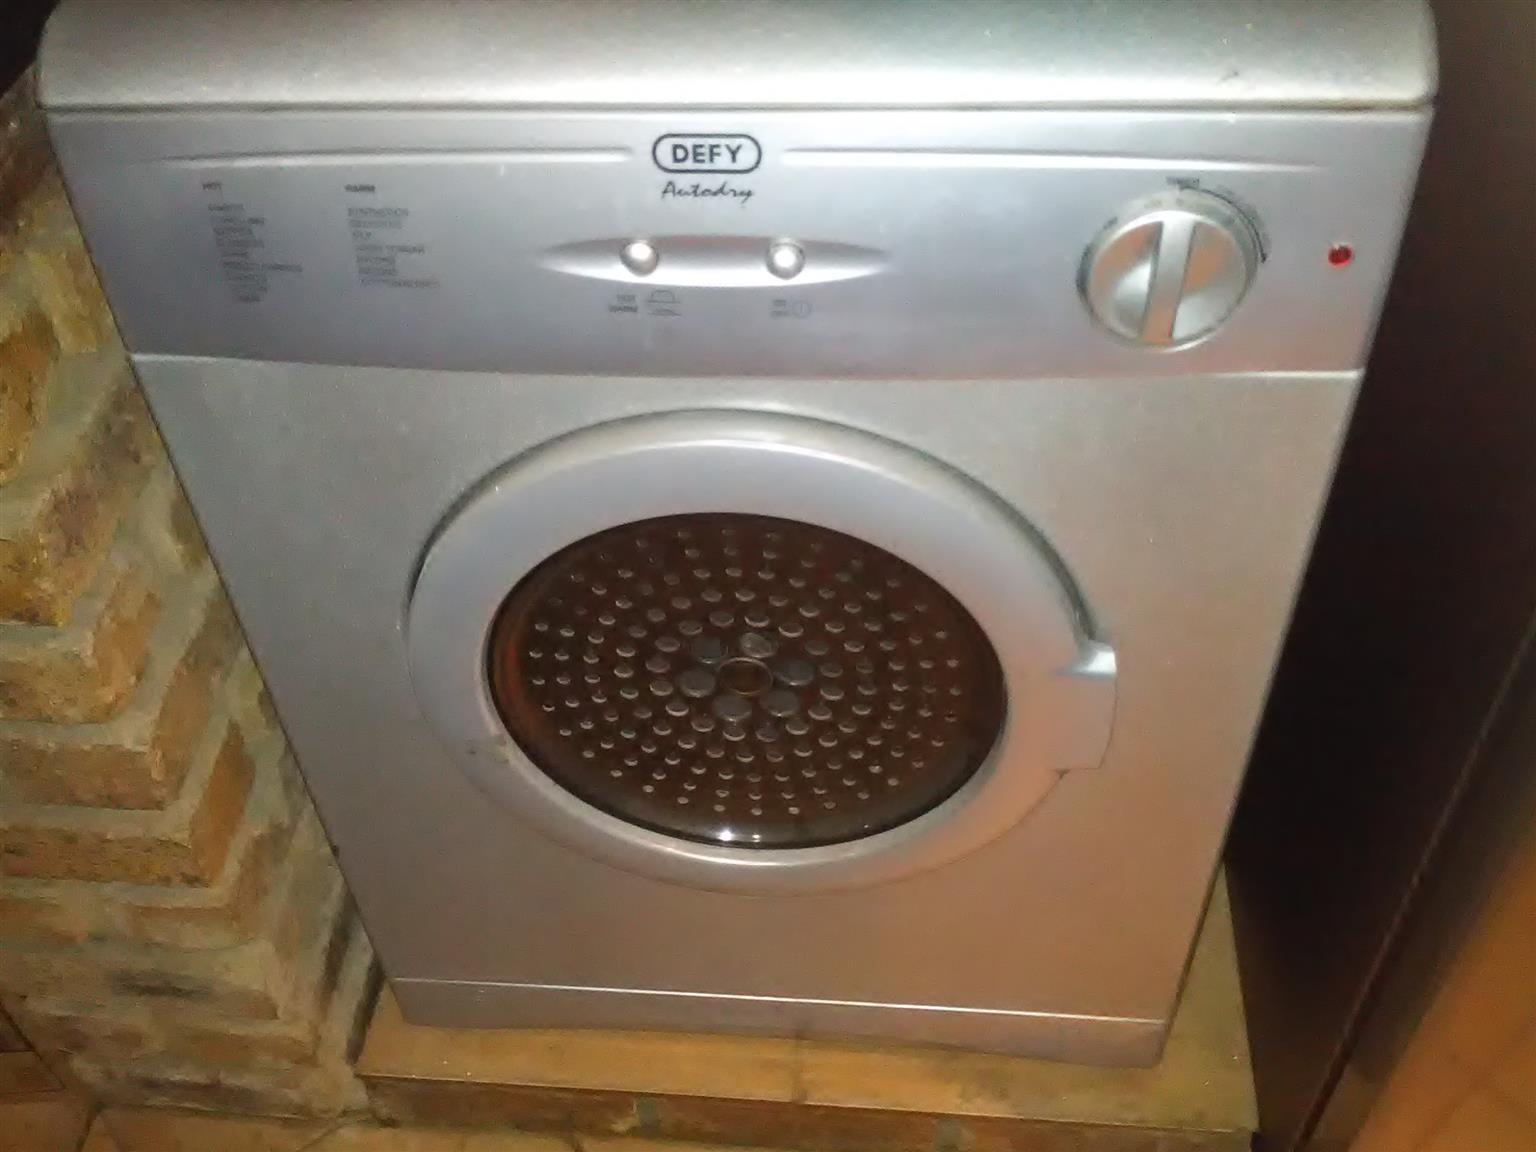 Metalic Defy tumble dryer